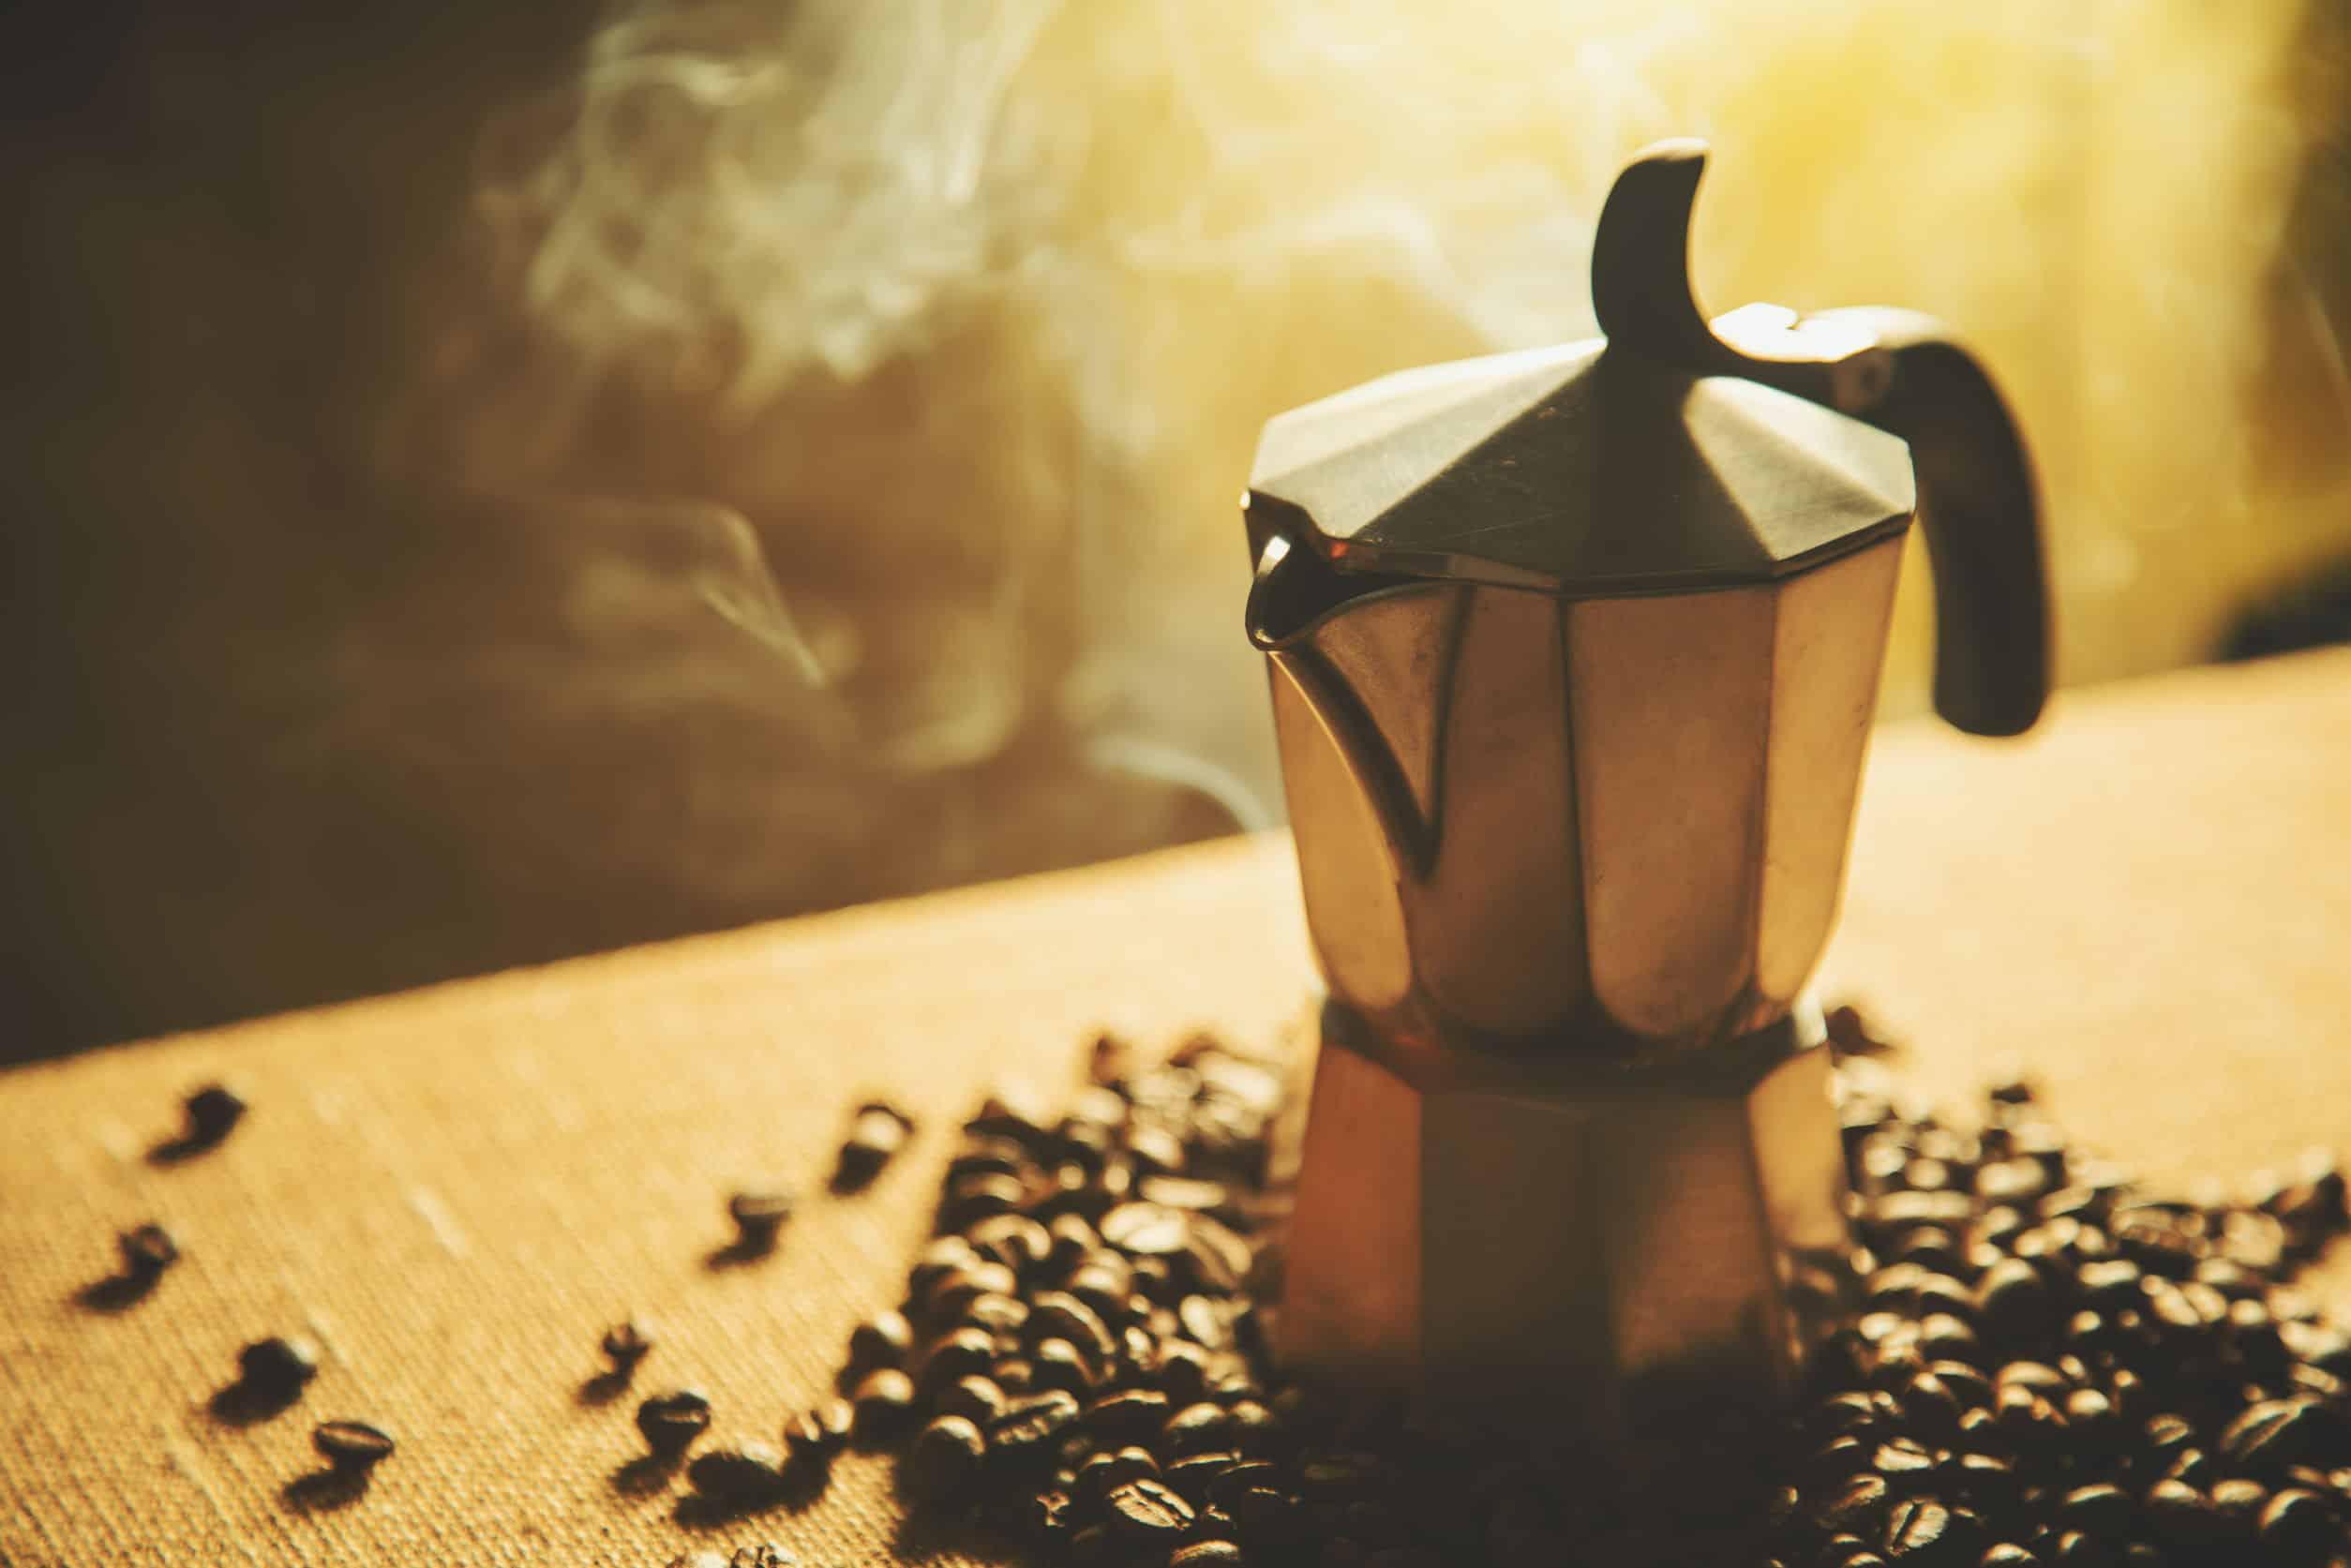 Espressokocher für Induktion: Test & Empfehlungen (07/20)